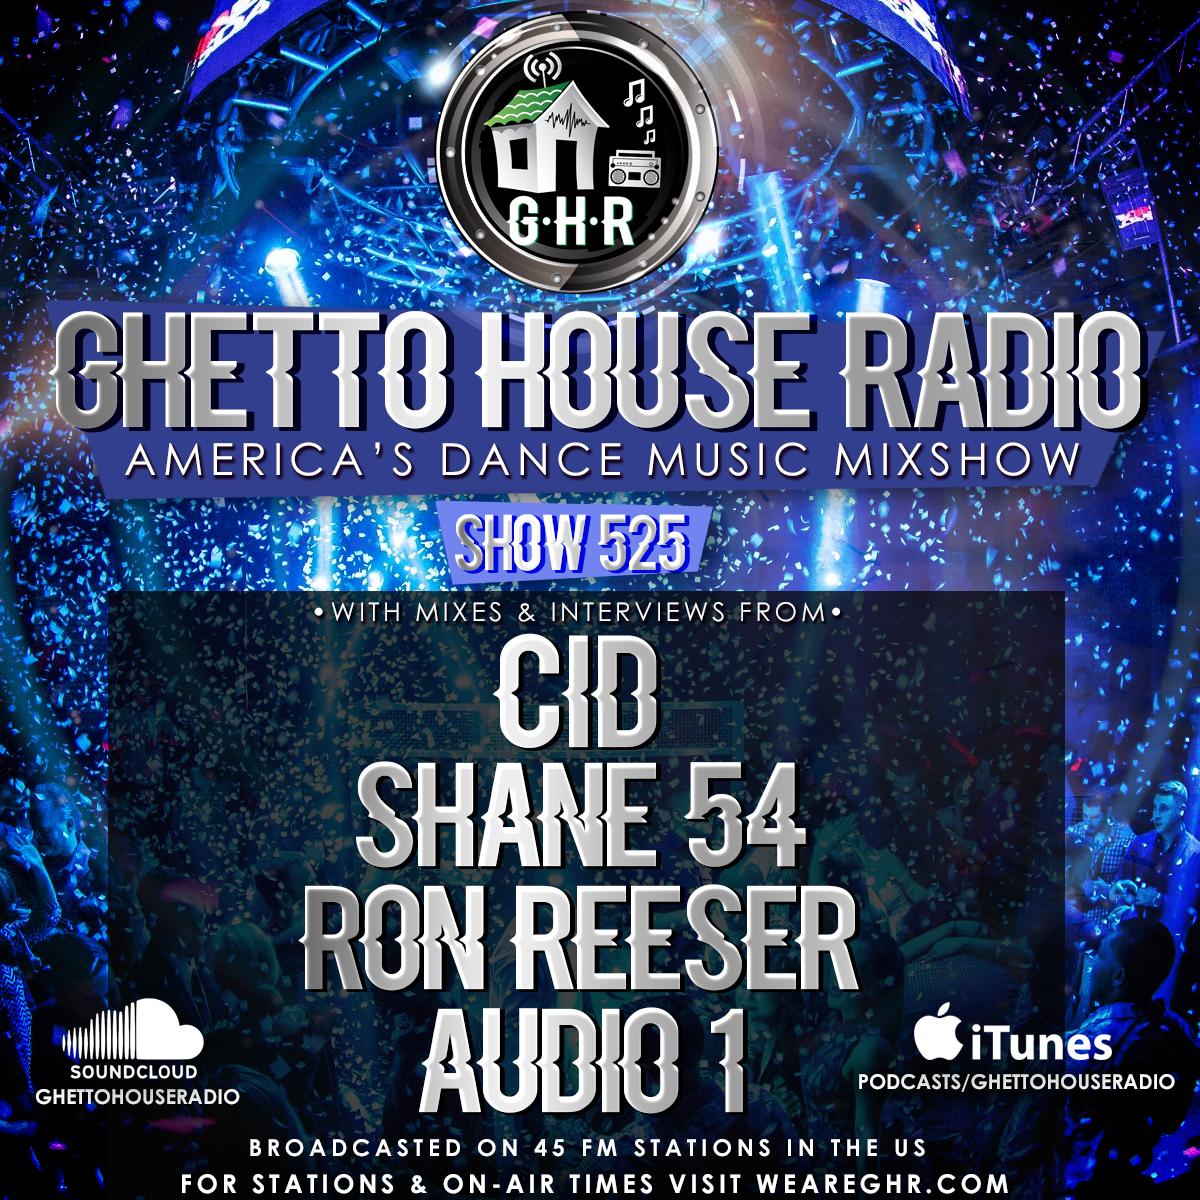 GHR - Show 525 - CID, Shane 54 & More!